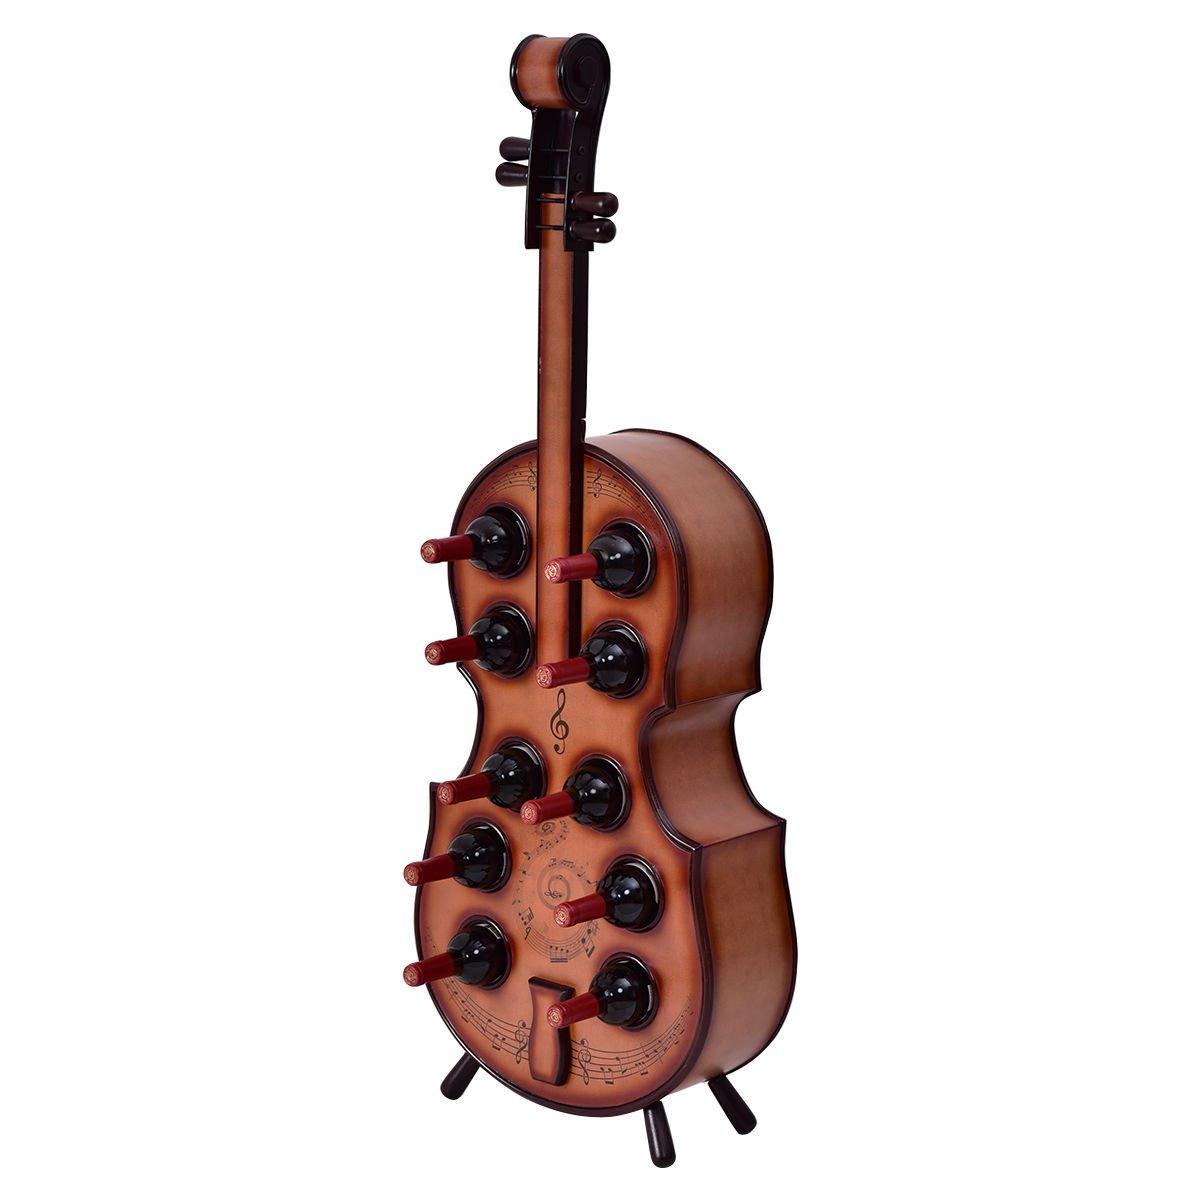 10 Bottles Wood Wine Rack Violin Cello Bottle Holder 16th Century Liquor Shelf + FREE E-Book